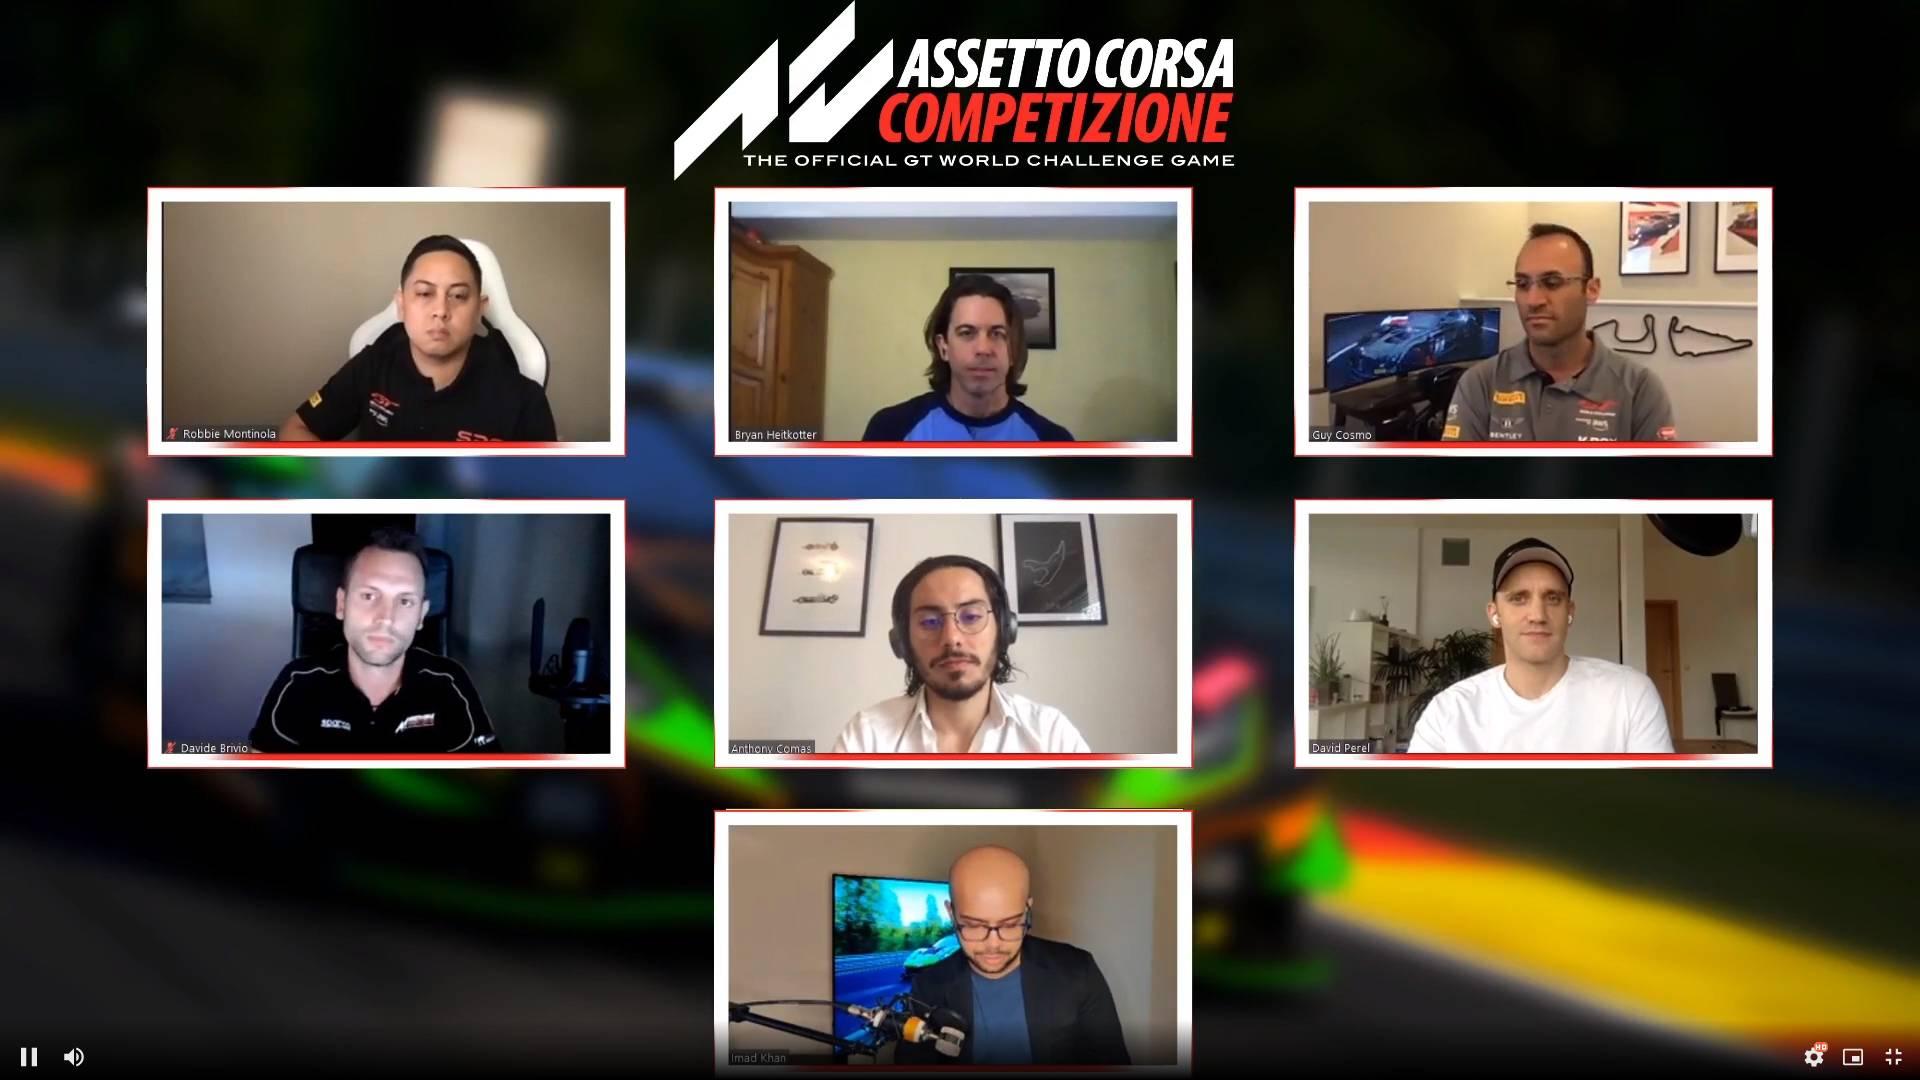 Assetto Corsa Competizione (console)